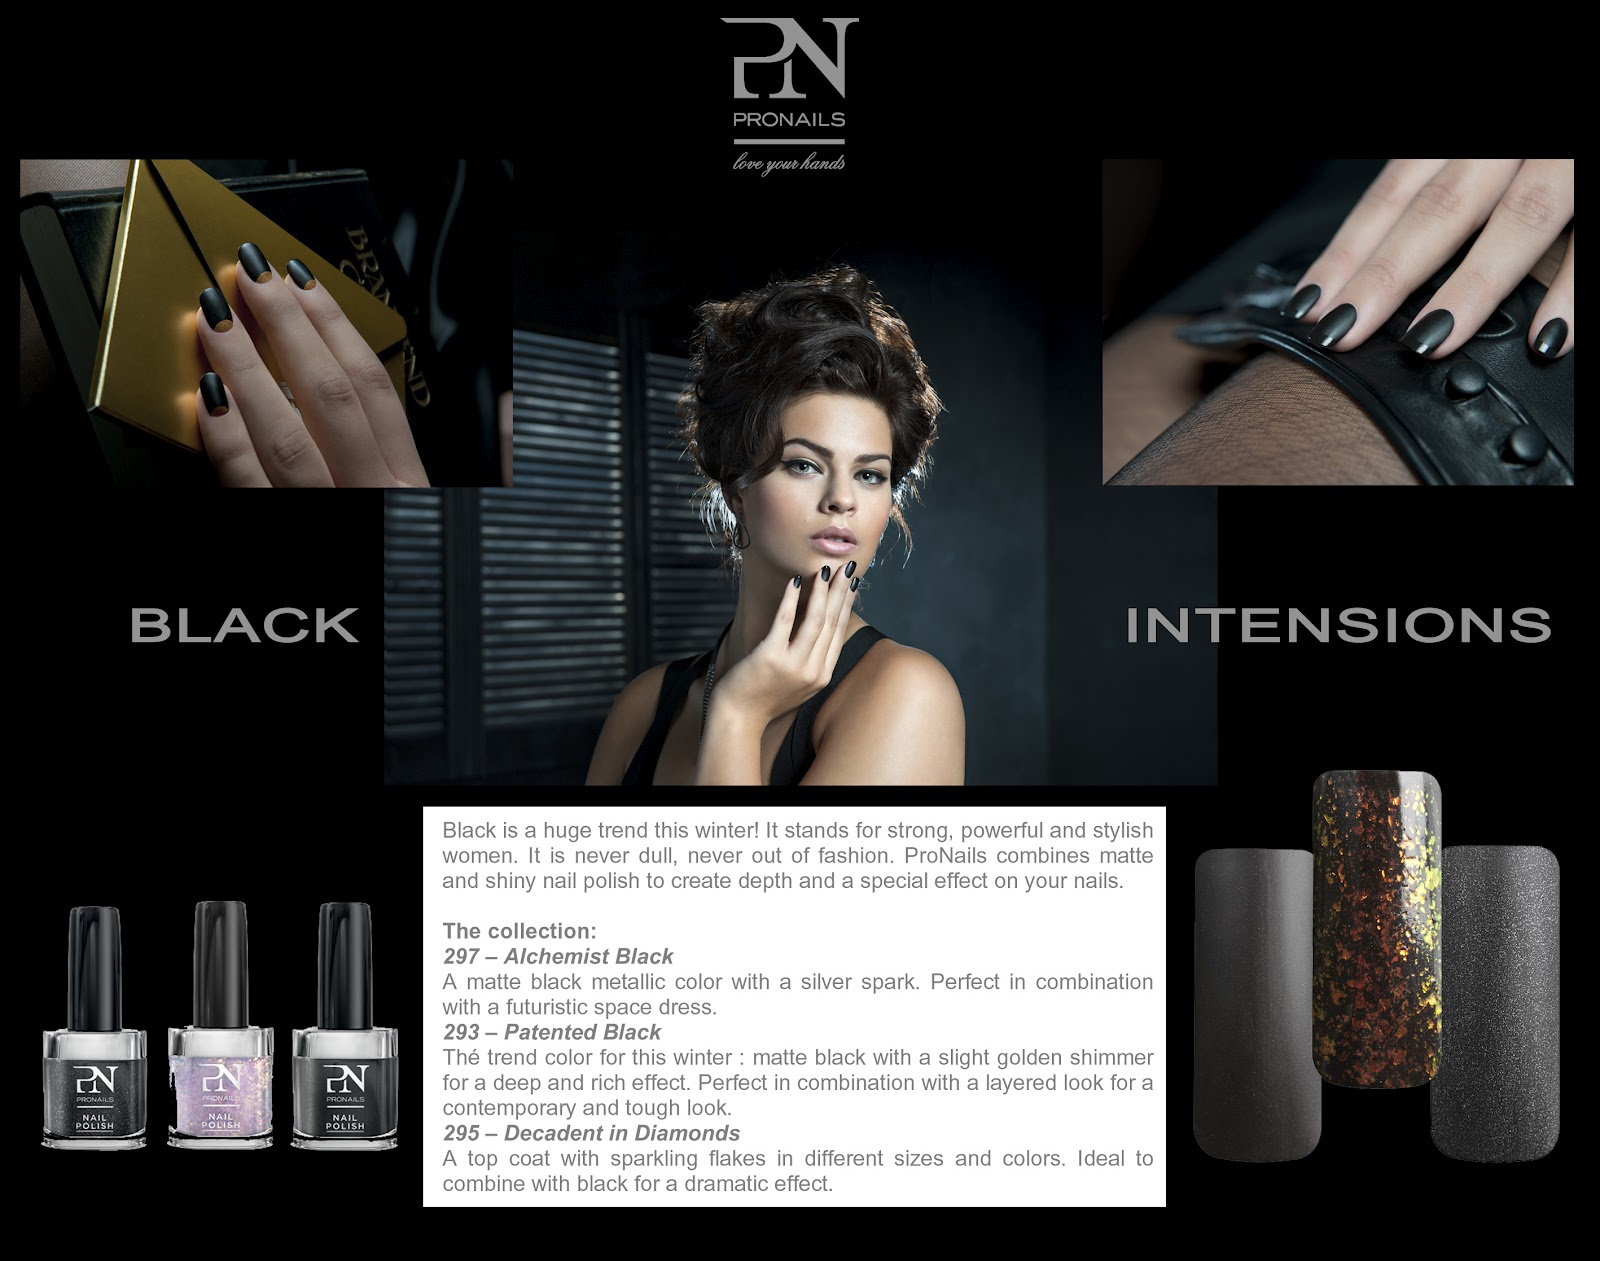 http://2.bp.blogspot.com/-90GiQBctg30/UGiPZJZ-sCI/AAAAAAAAFMk/k-aktCPeT6U/s1600/pronails+black+intensions+emailing.jpg